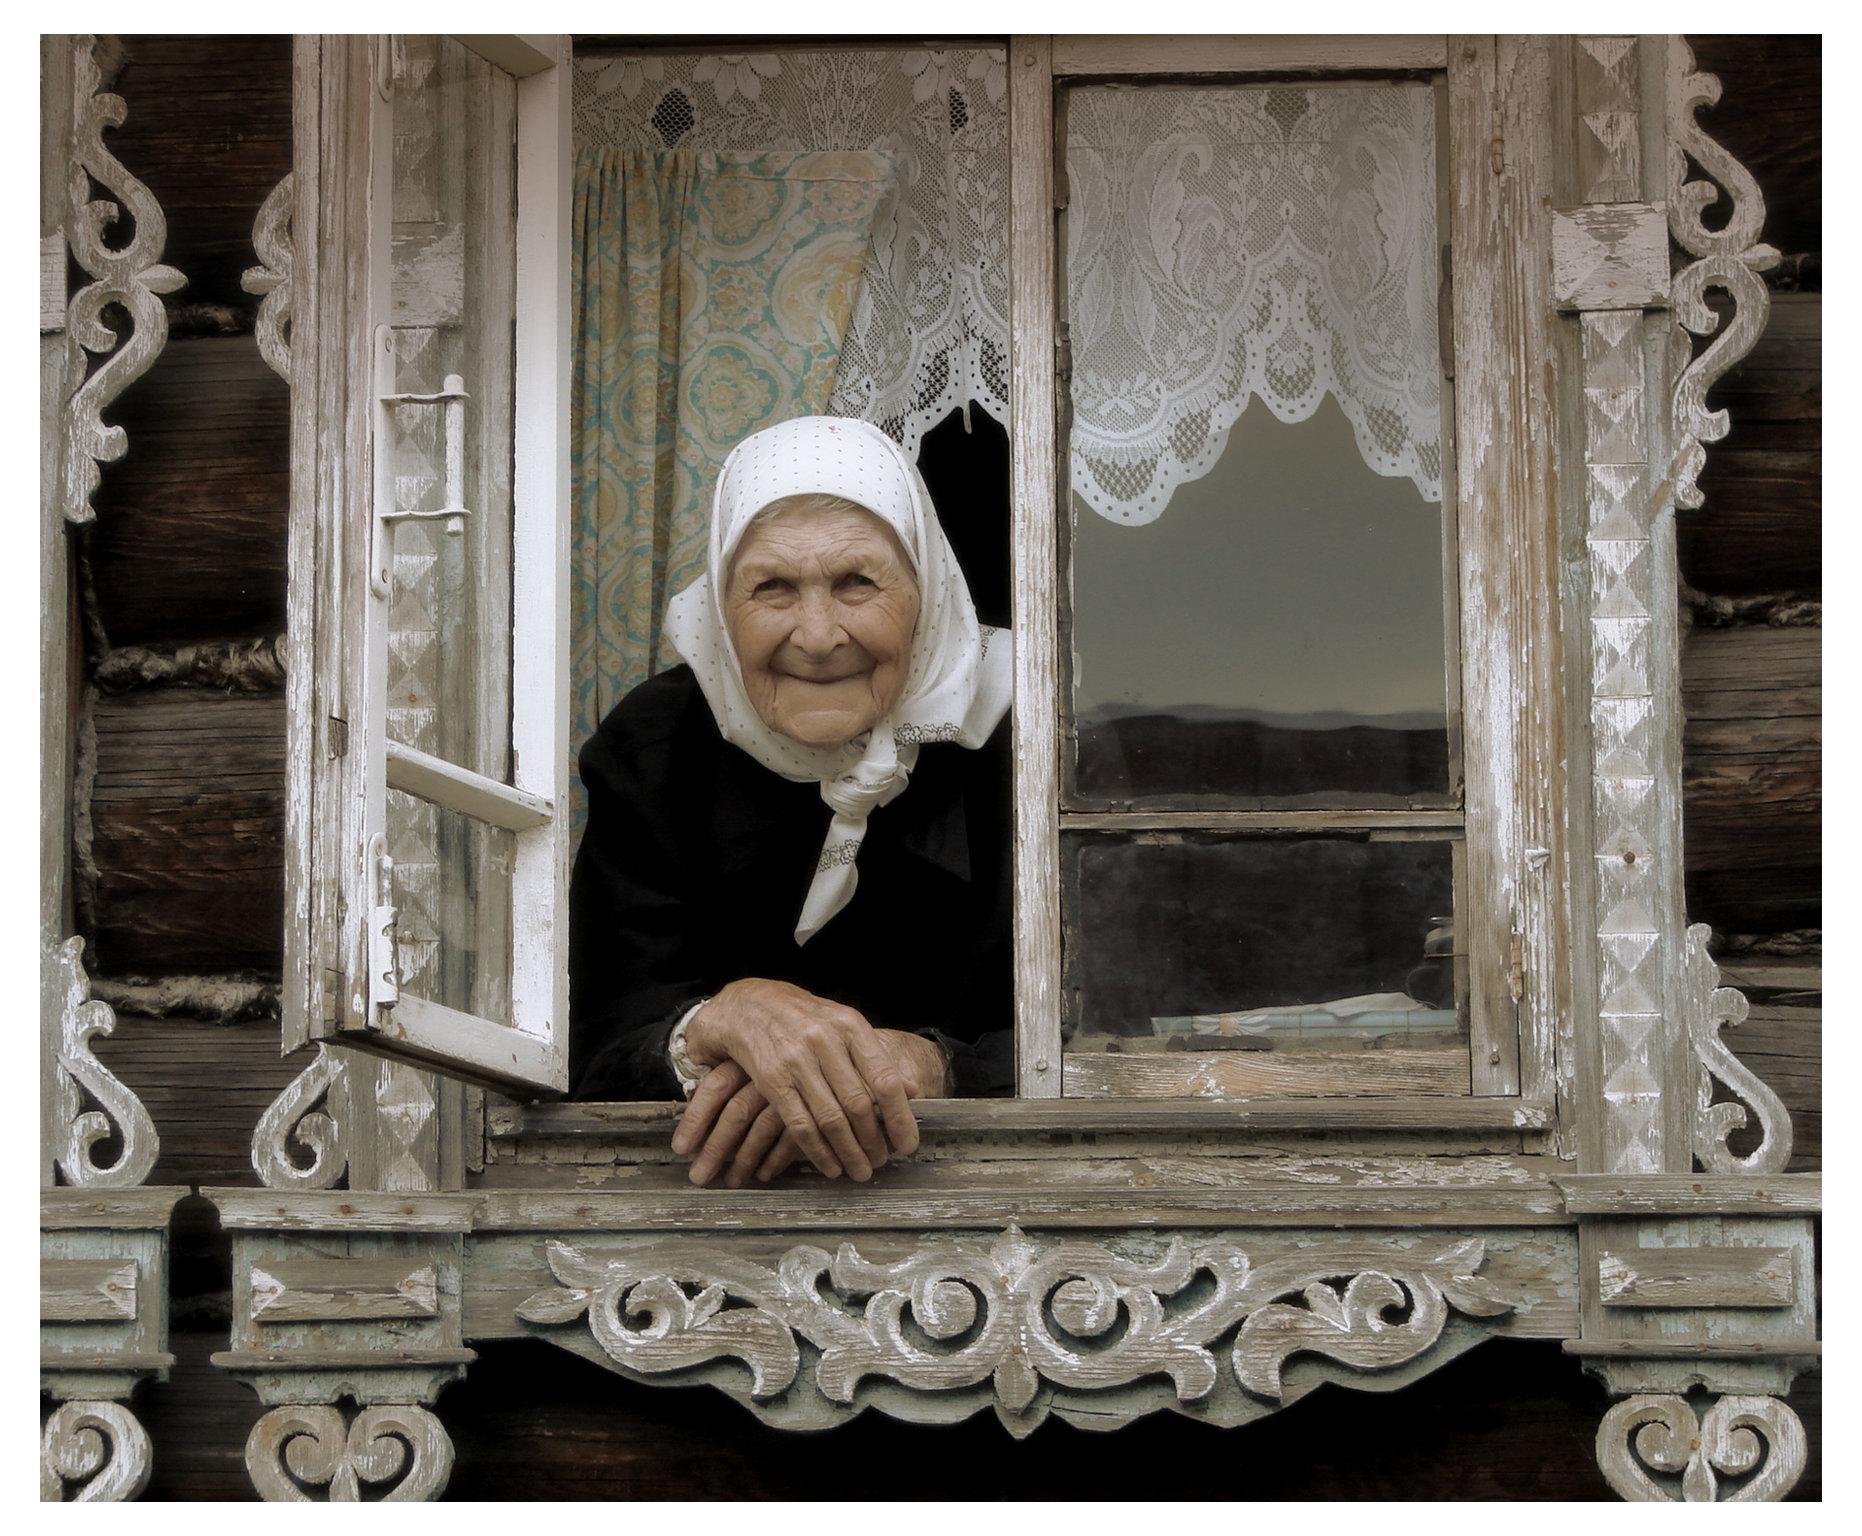 Фото мама у окна